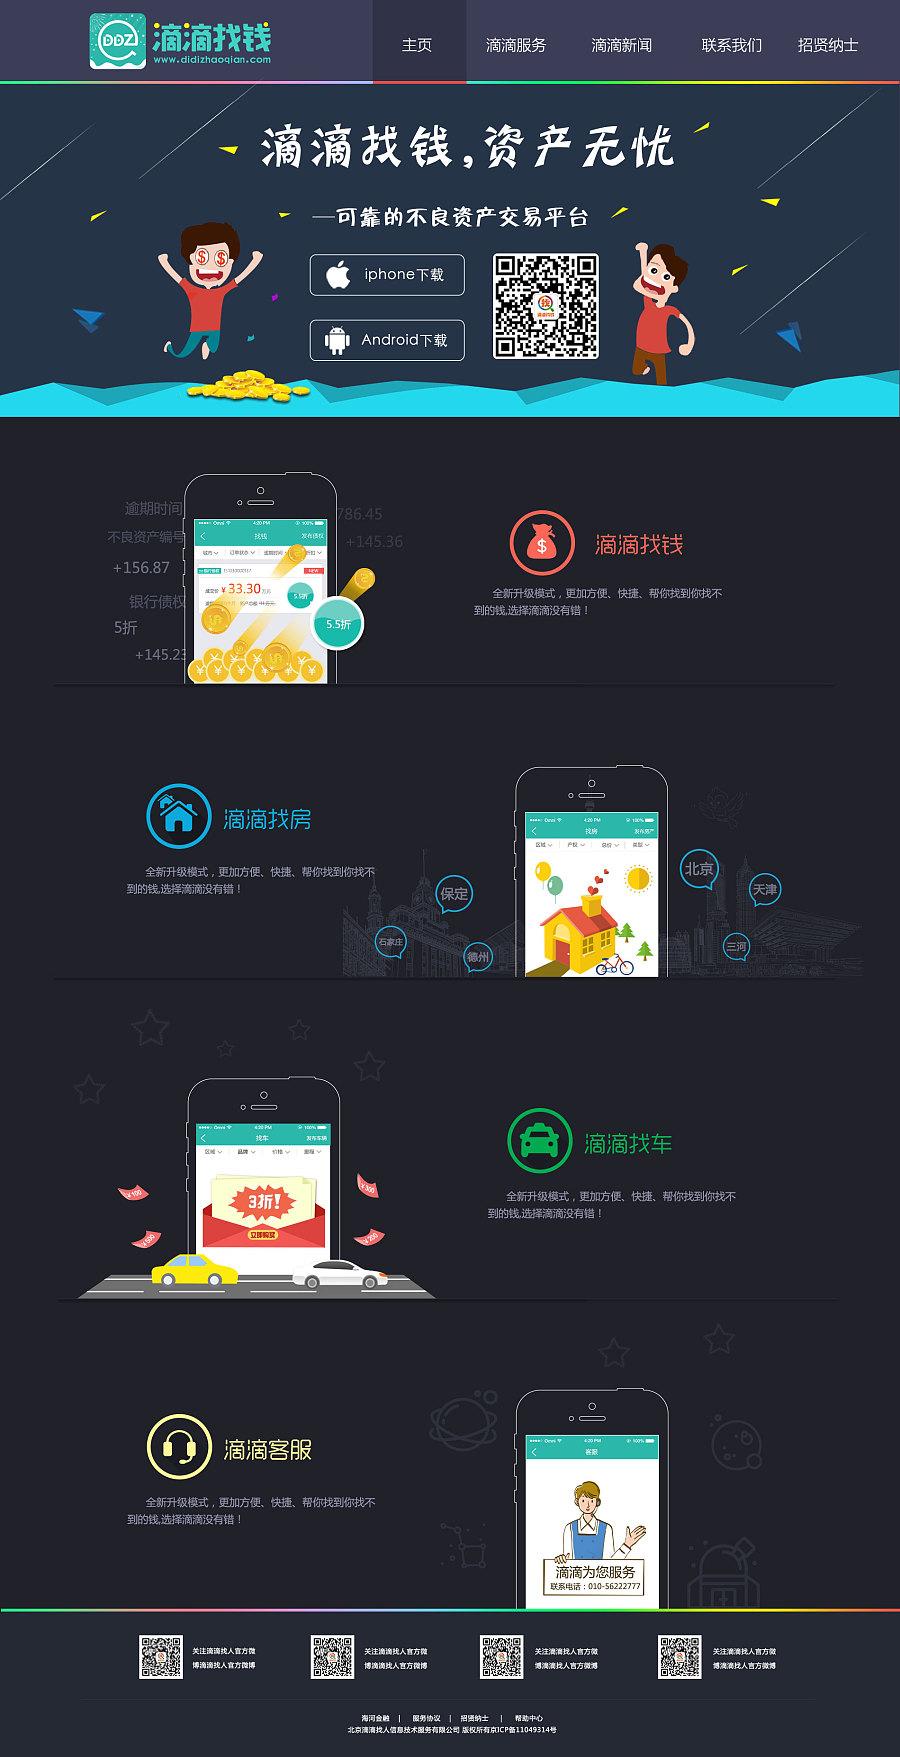 app在哪可以制作_可以制作表情包的app